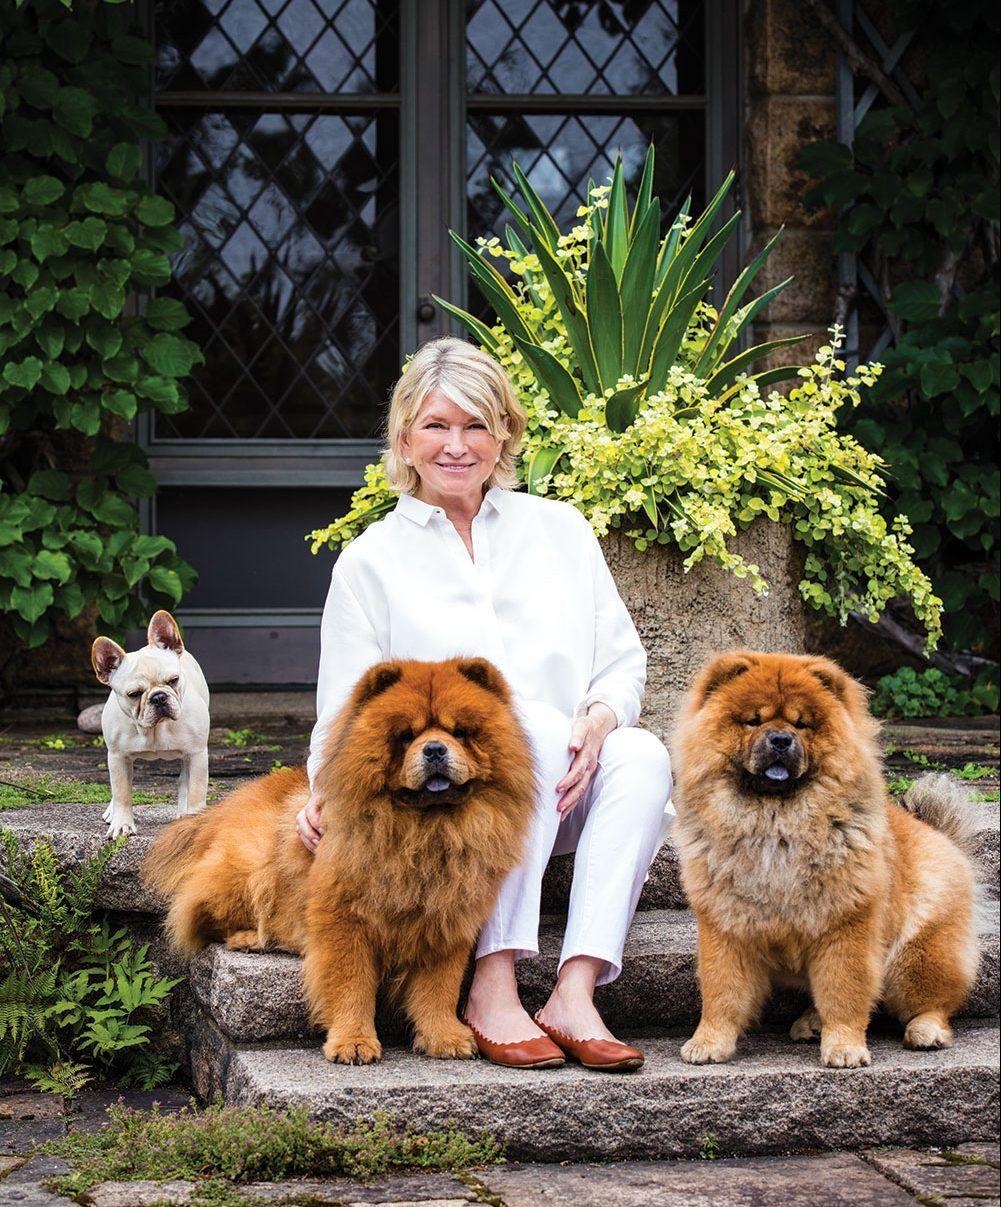 martha stewart, martha stewart's dogs